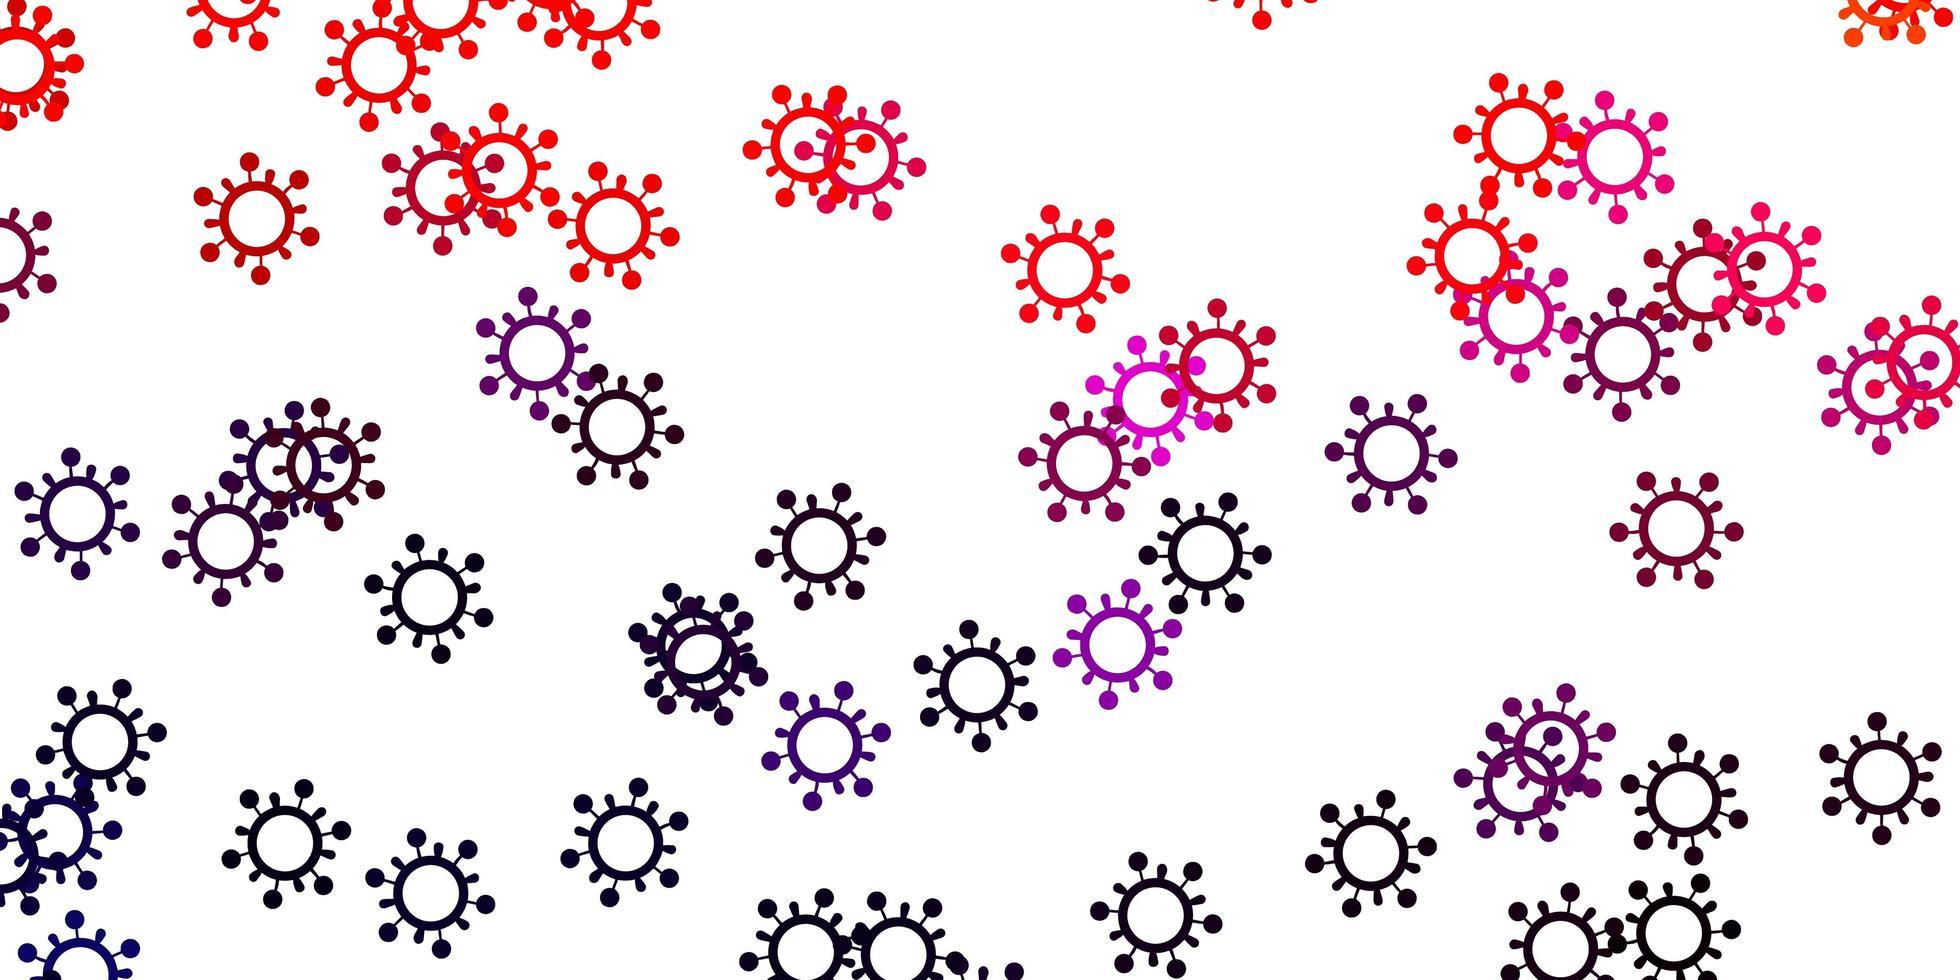 Fondo de vector rosa claro, rojo con símbolos de virus.